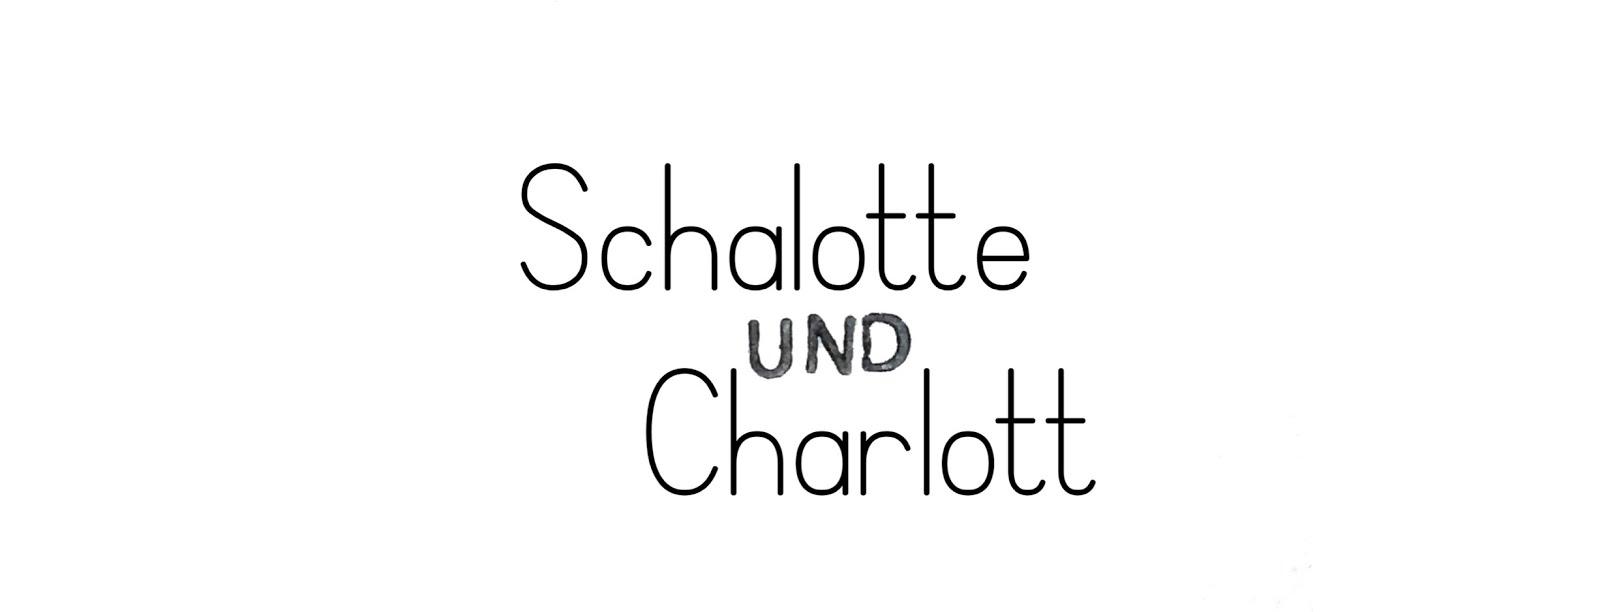 Schalotte und Charlott - Fooblog aus Köln von Theres Dickmeis